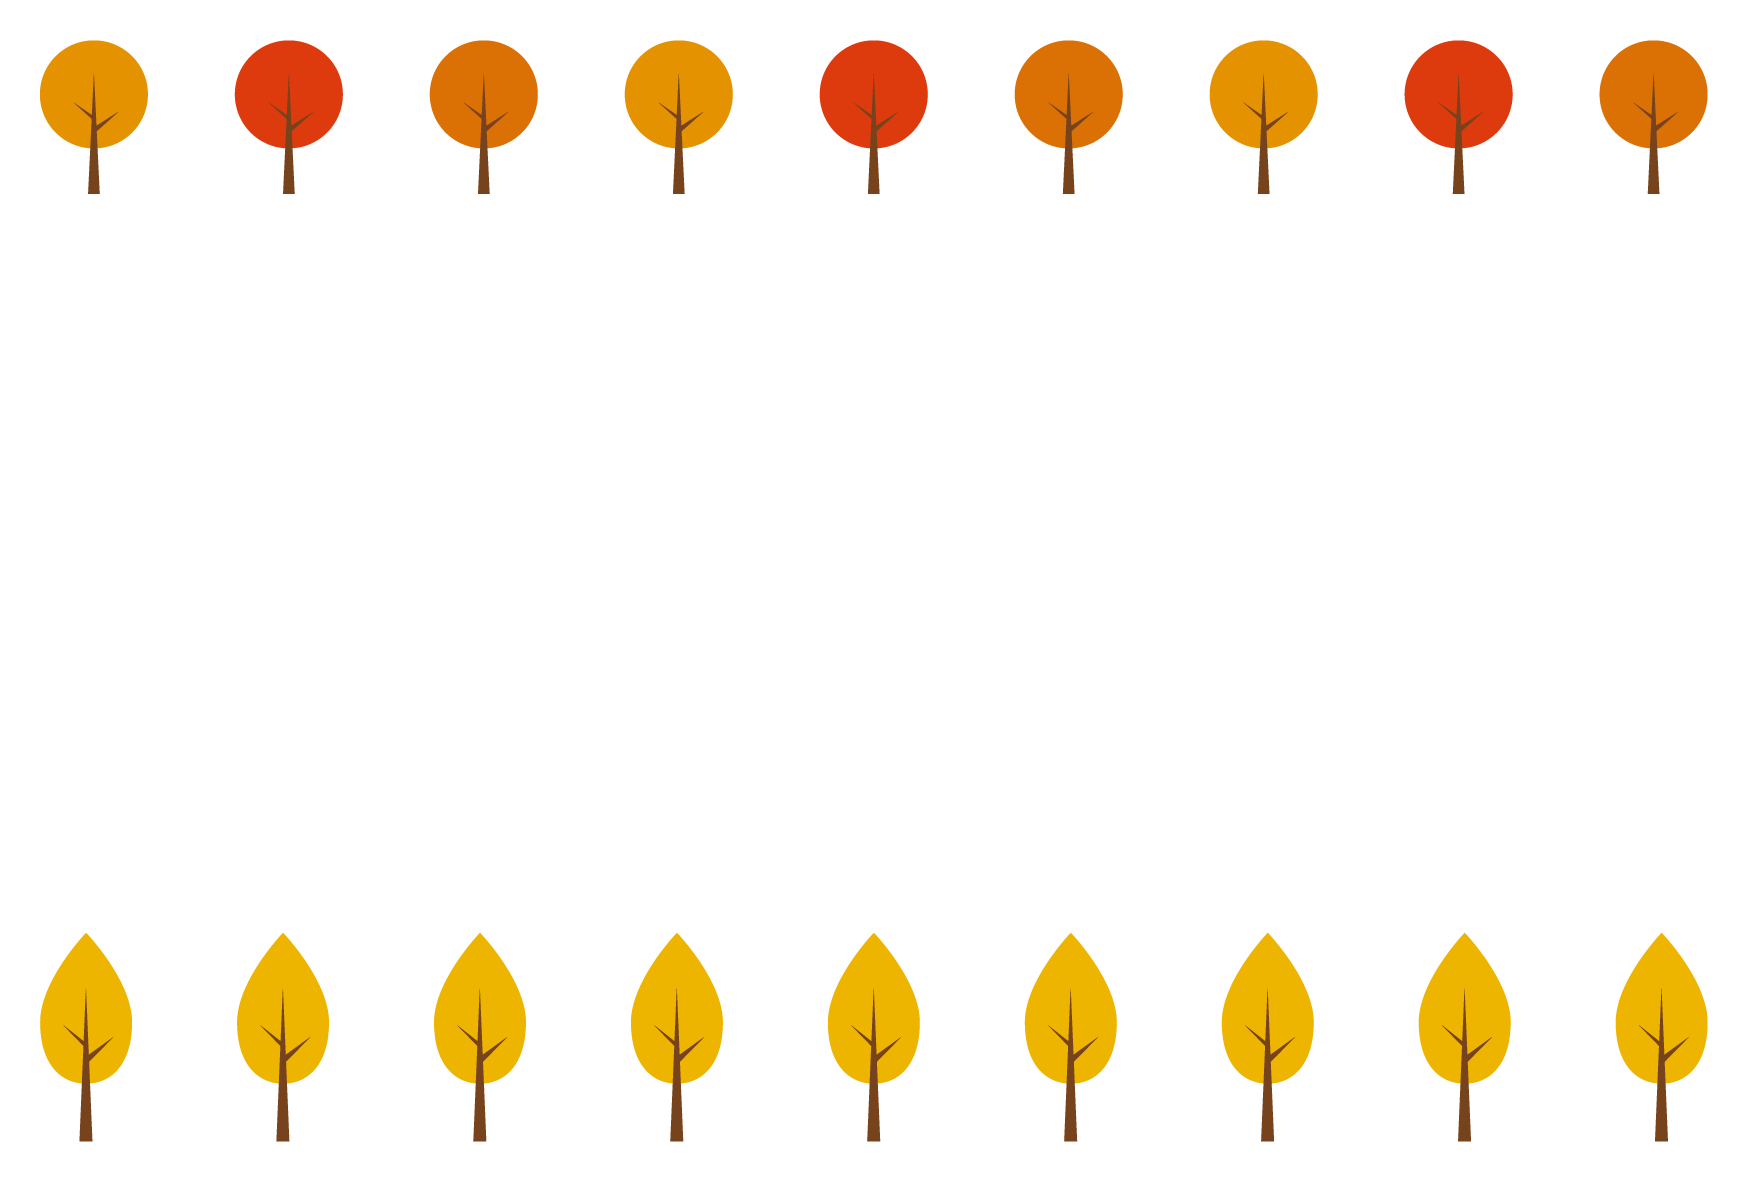 秋(紅葉した木)シンプル枠イラスト-横 <無料> | イラストk